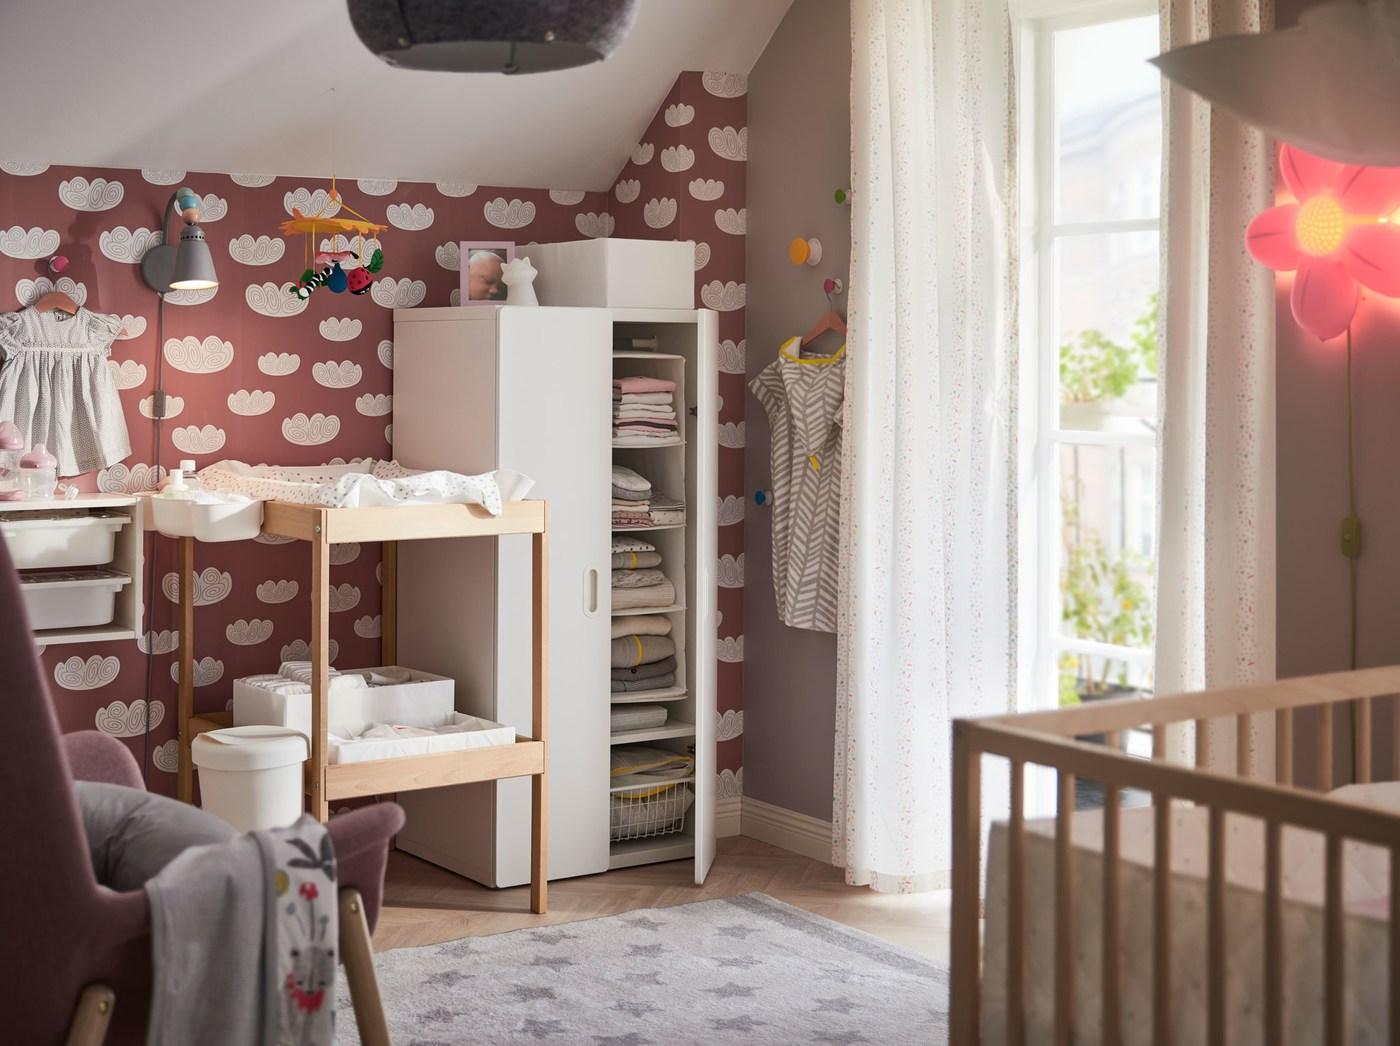 Armadio Cameretta Bambini Ikea lasciati ispirare dalle nostre camerette - ikea